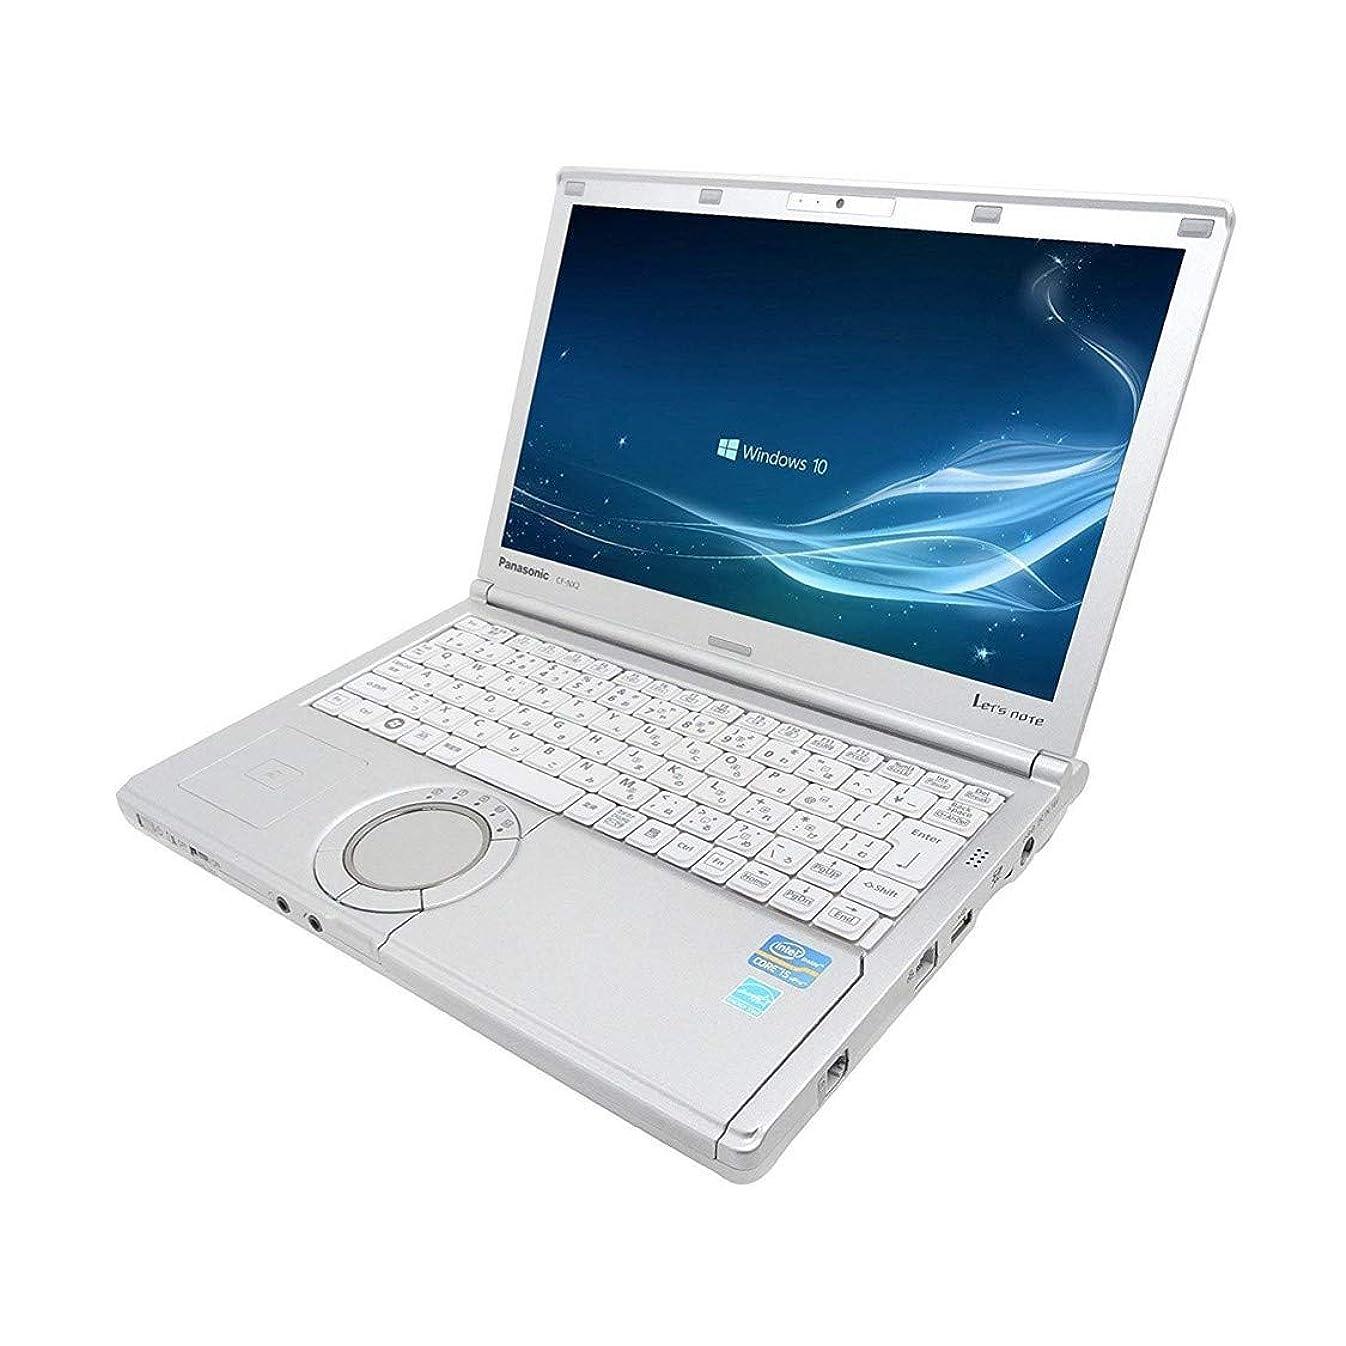 退化する長くするタイピストLG ノートパソコン gram/バッテリー22時間/Core i5/17インチ/Windows10/メモリ 8GB/SSD 256GB/Thunderbolt3/ホワイト/17Z990-VA55J/Amazon.co.jp 限定